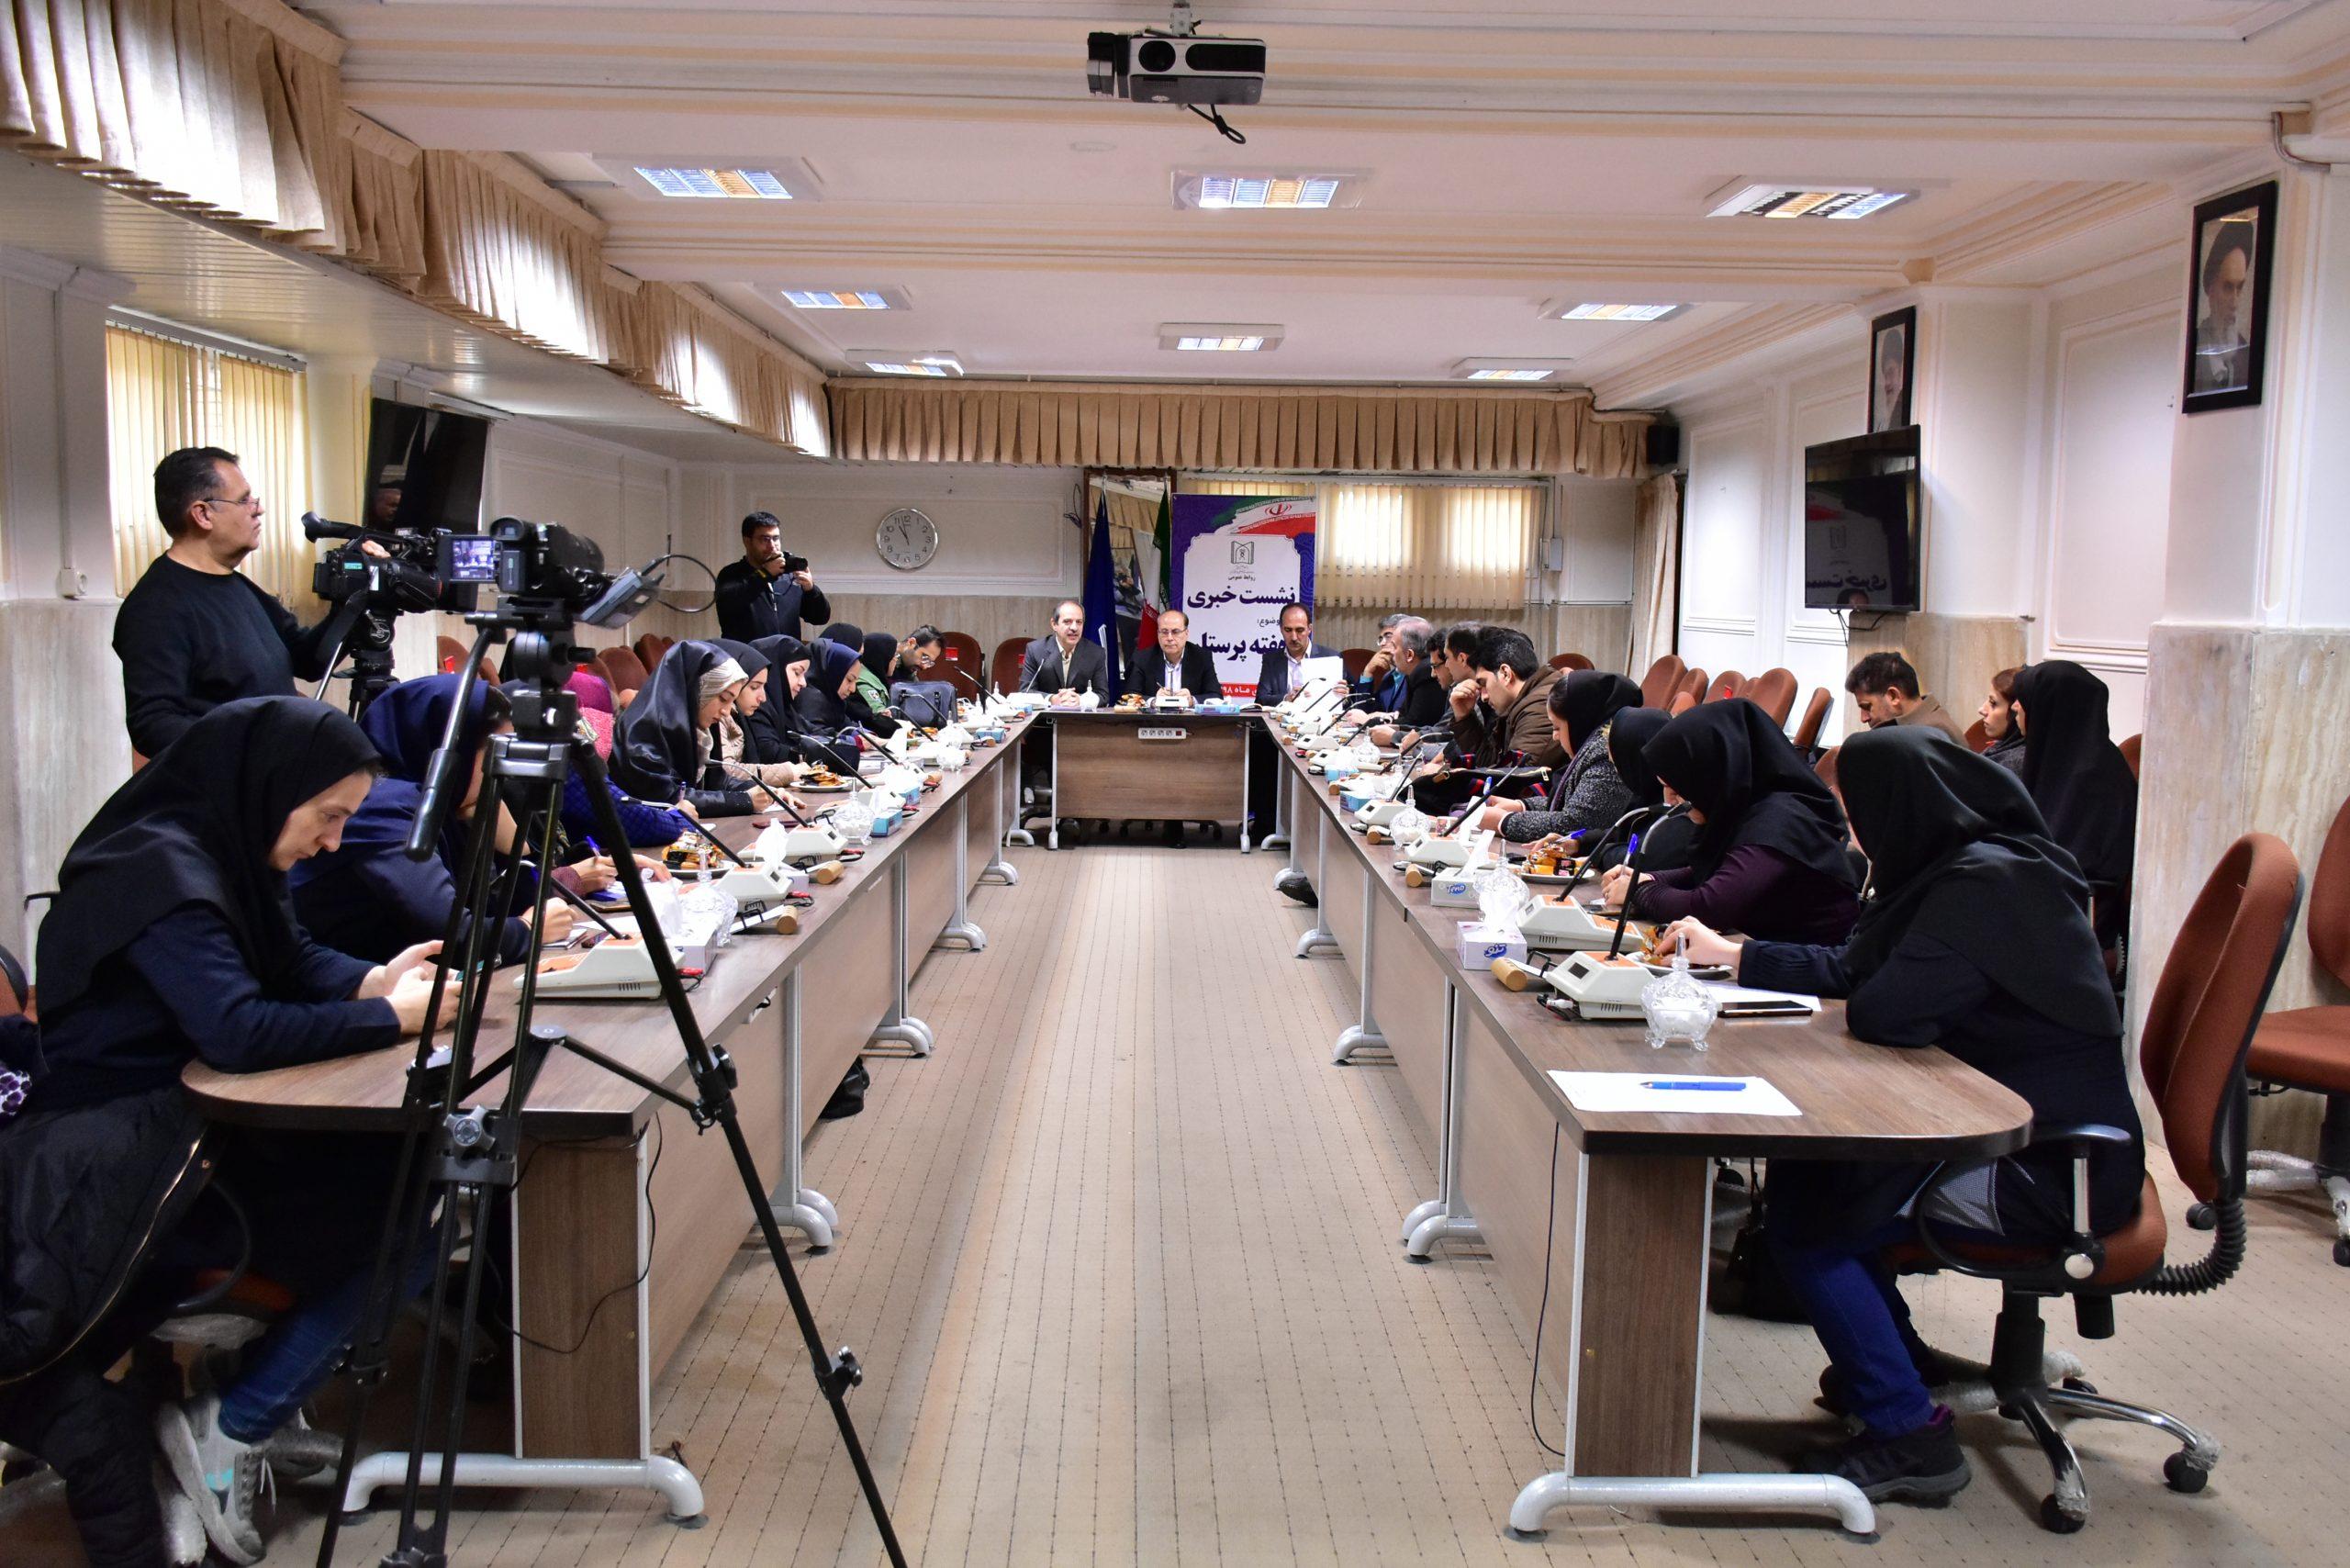 رئیس نظام پرستاری آذرباجانشرقی خبر داد:  با کمبود نیرو در این رابطه مواجه هستیم/ فعالیت ۶۵۰۰ پرستار در آذربایجان شرقی